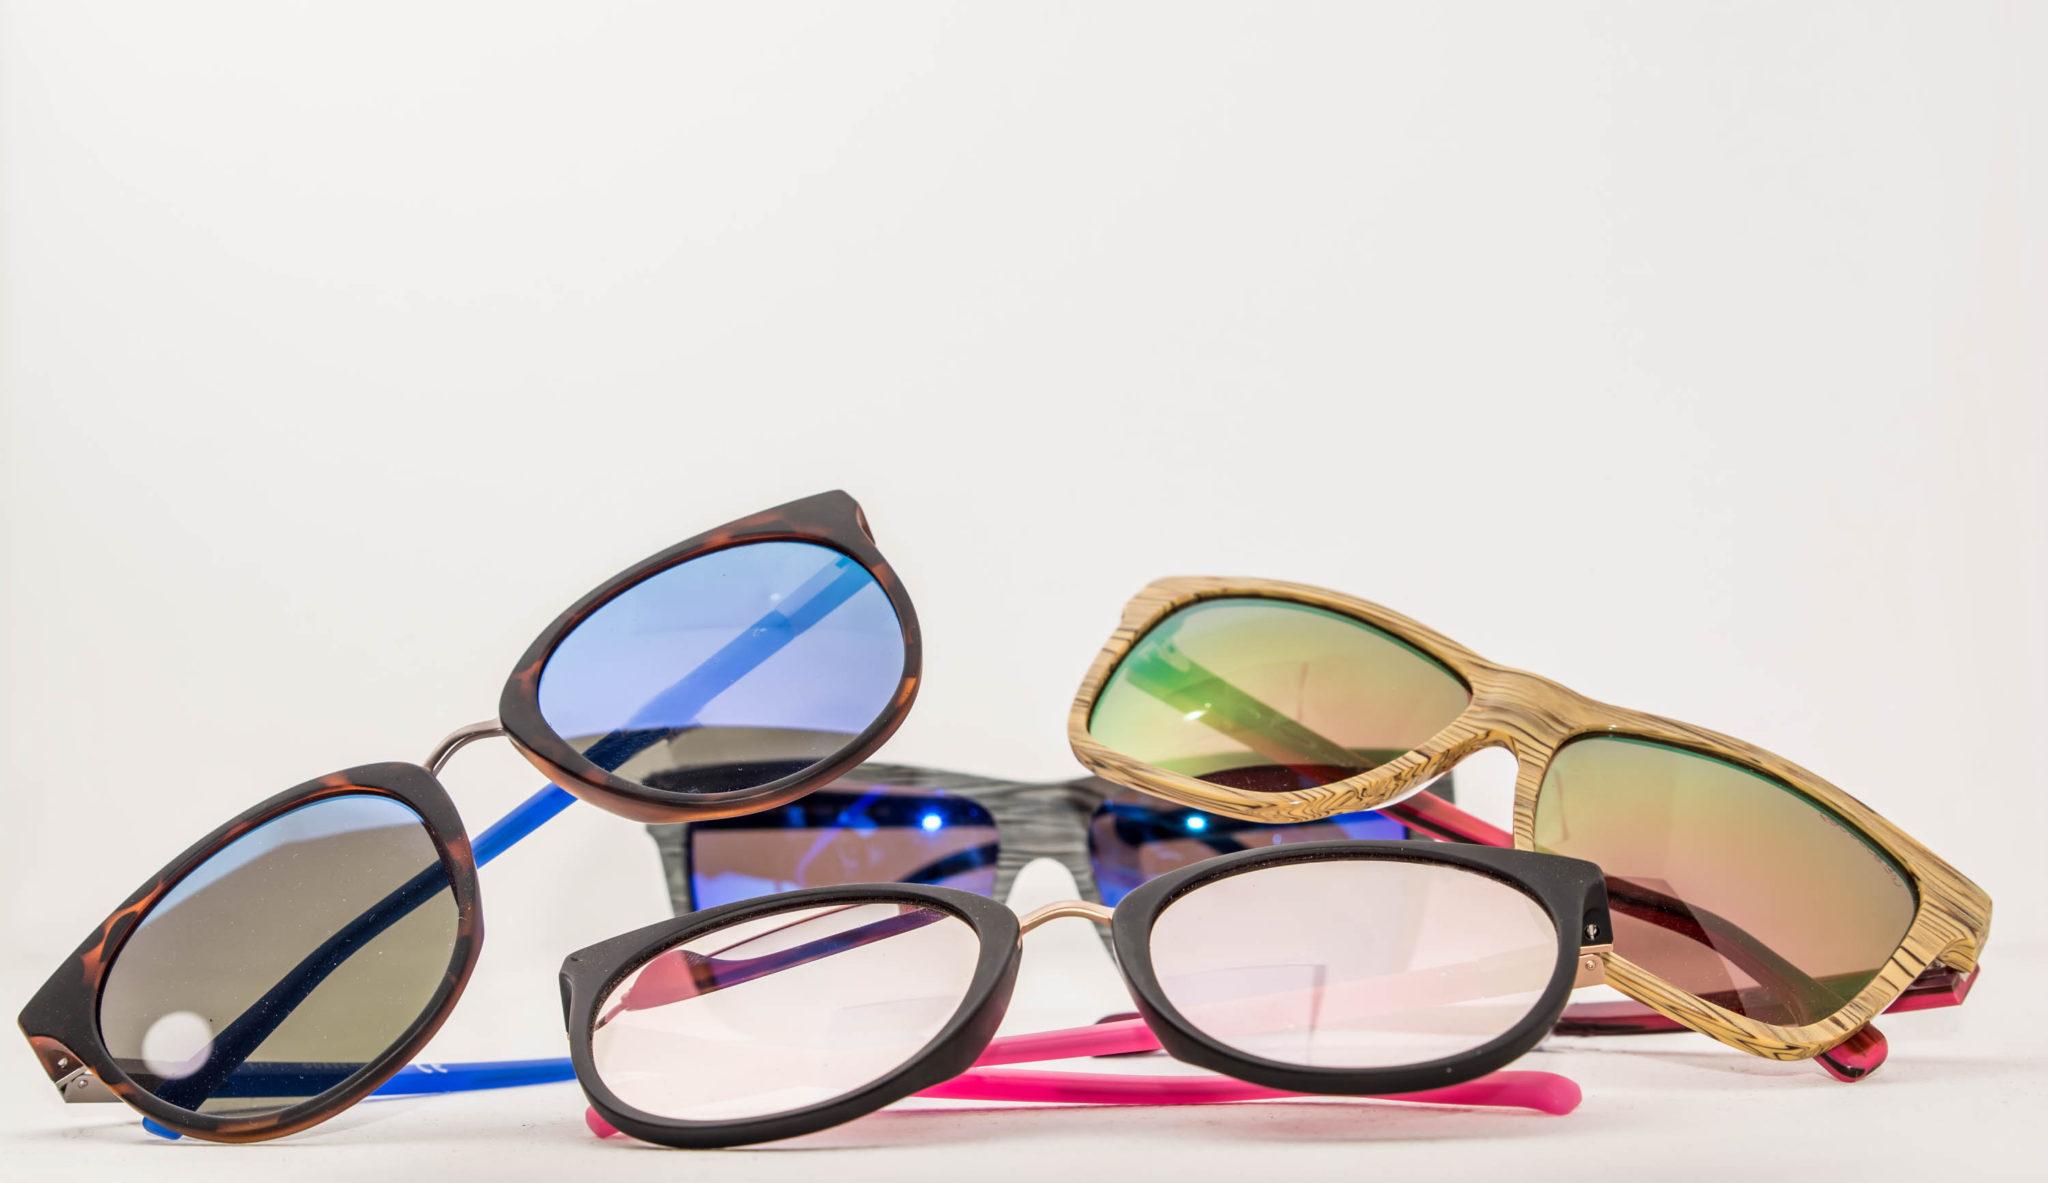 Протягом цілого року в наших салонах є широкий вибір якісних сонцезахисних  окулярів. Моделі їх постійно поновлюємо. Перед черговим весняно-літнім  сезоном ... 641ef5df212cc